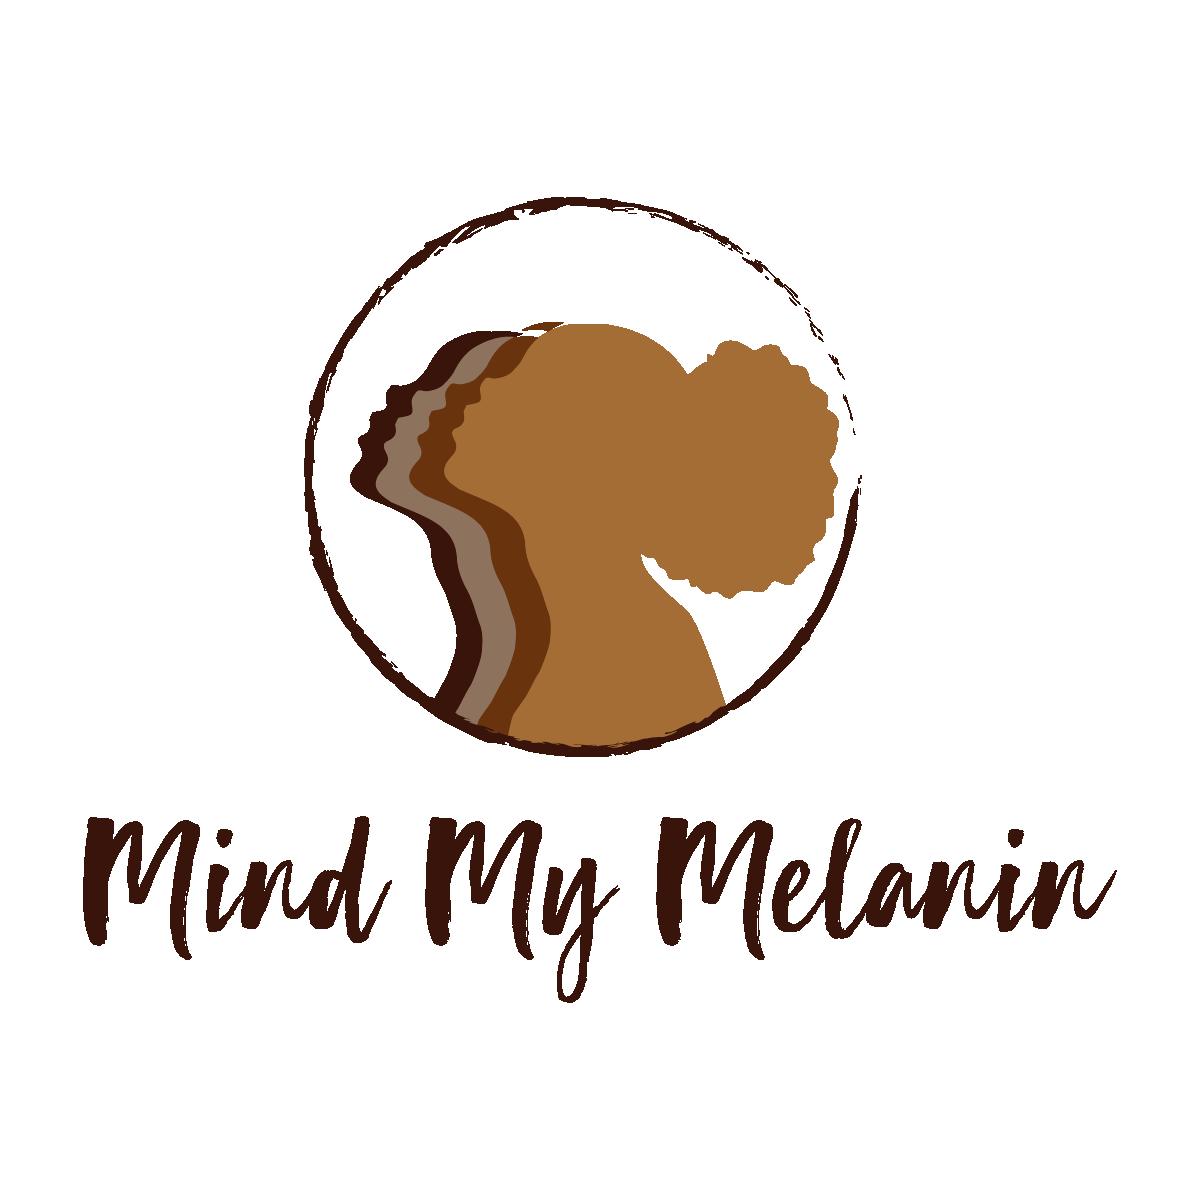 MindMyMelanin